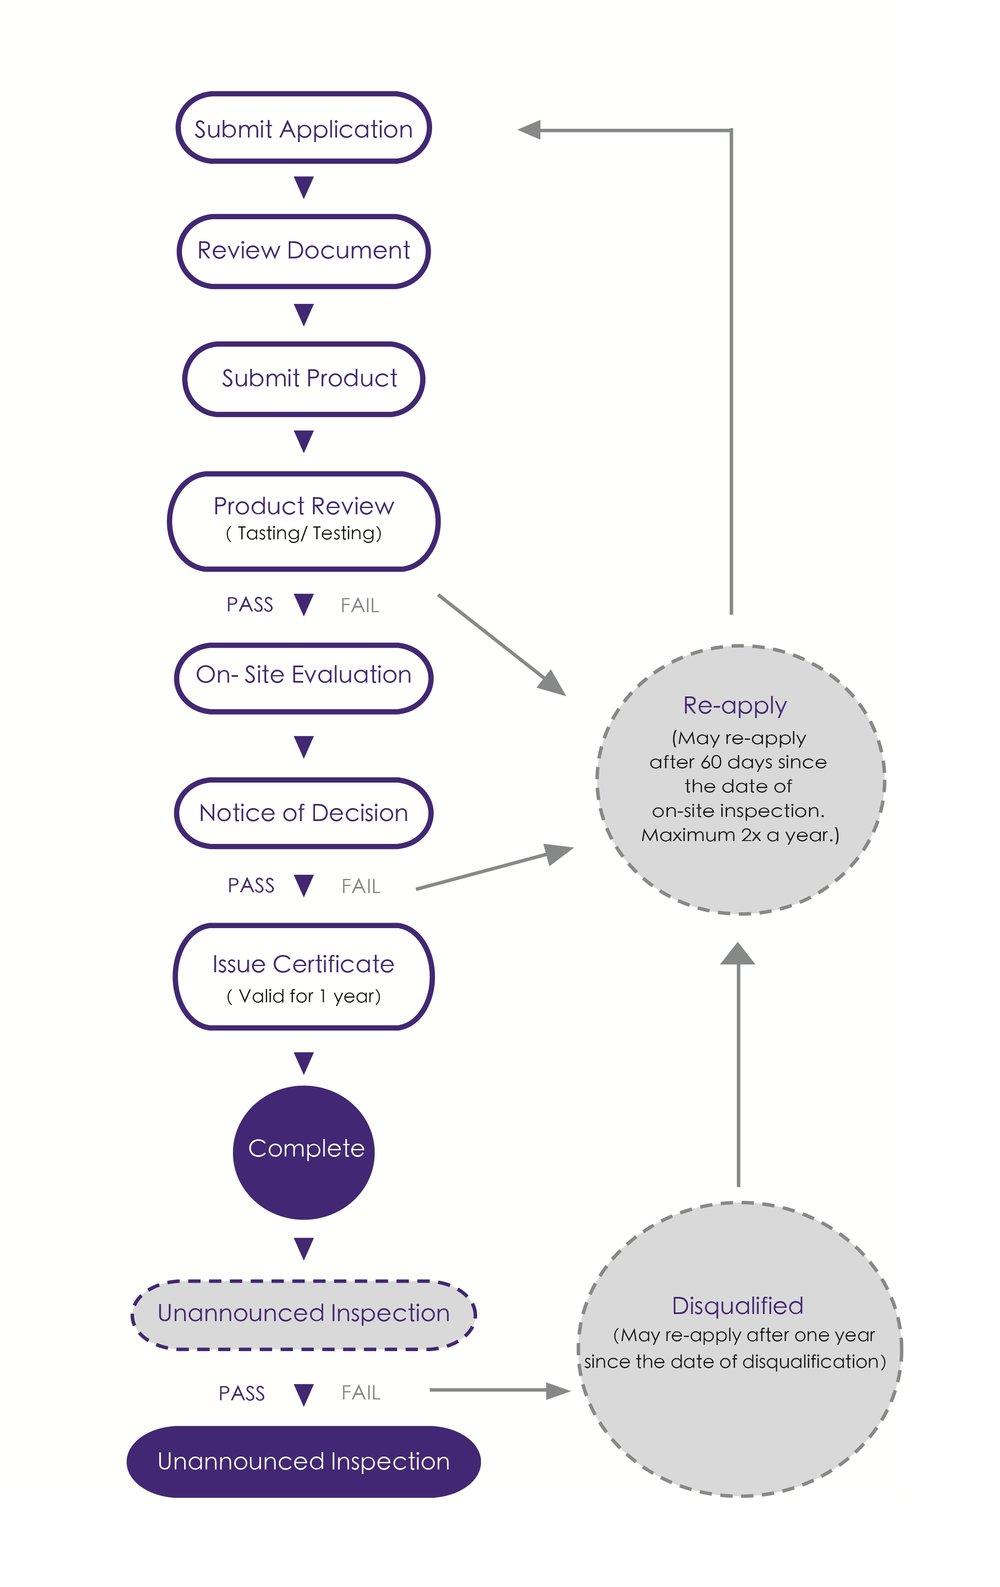 認證流程圖英文1.jpg